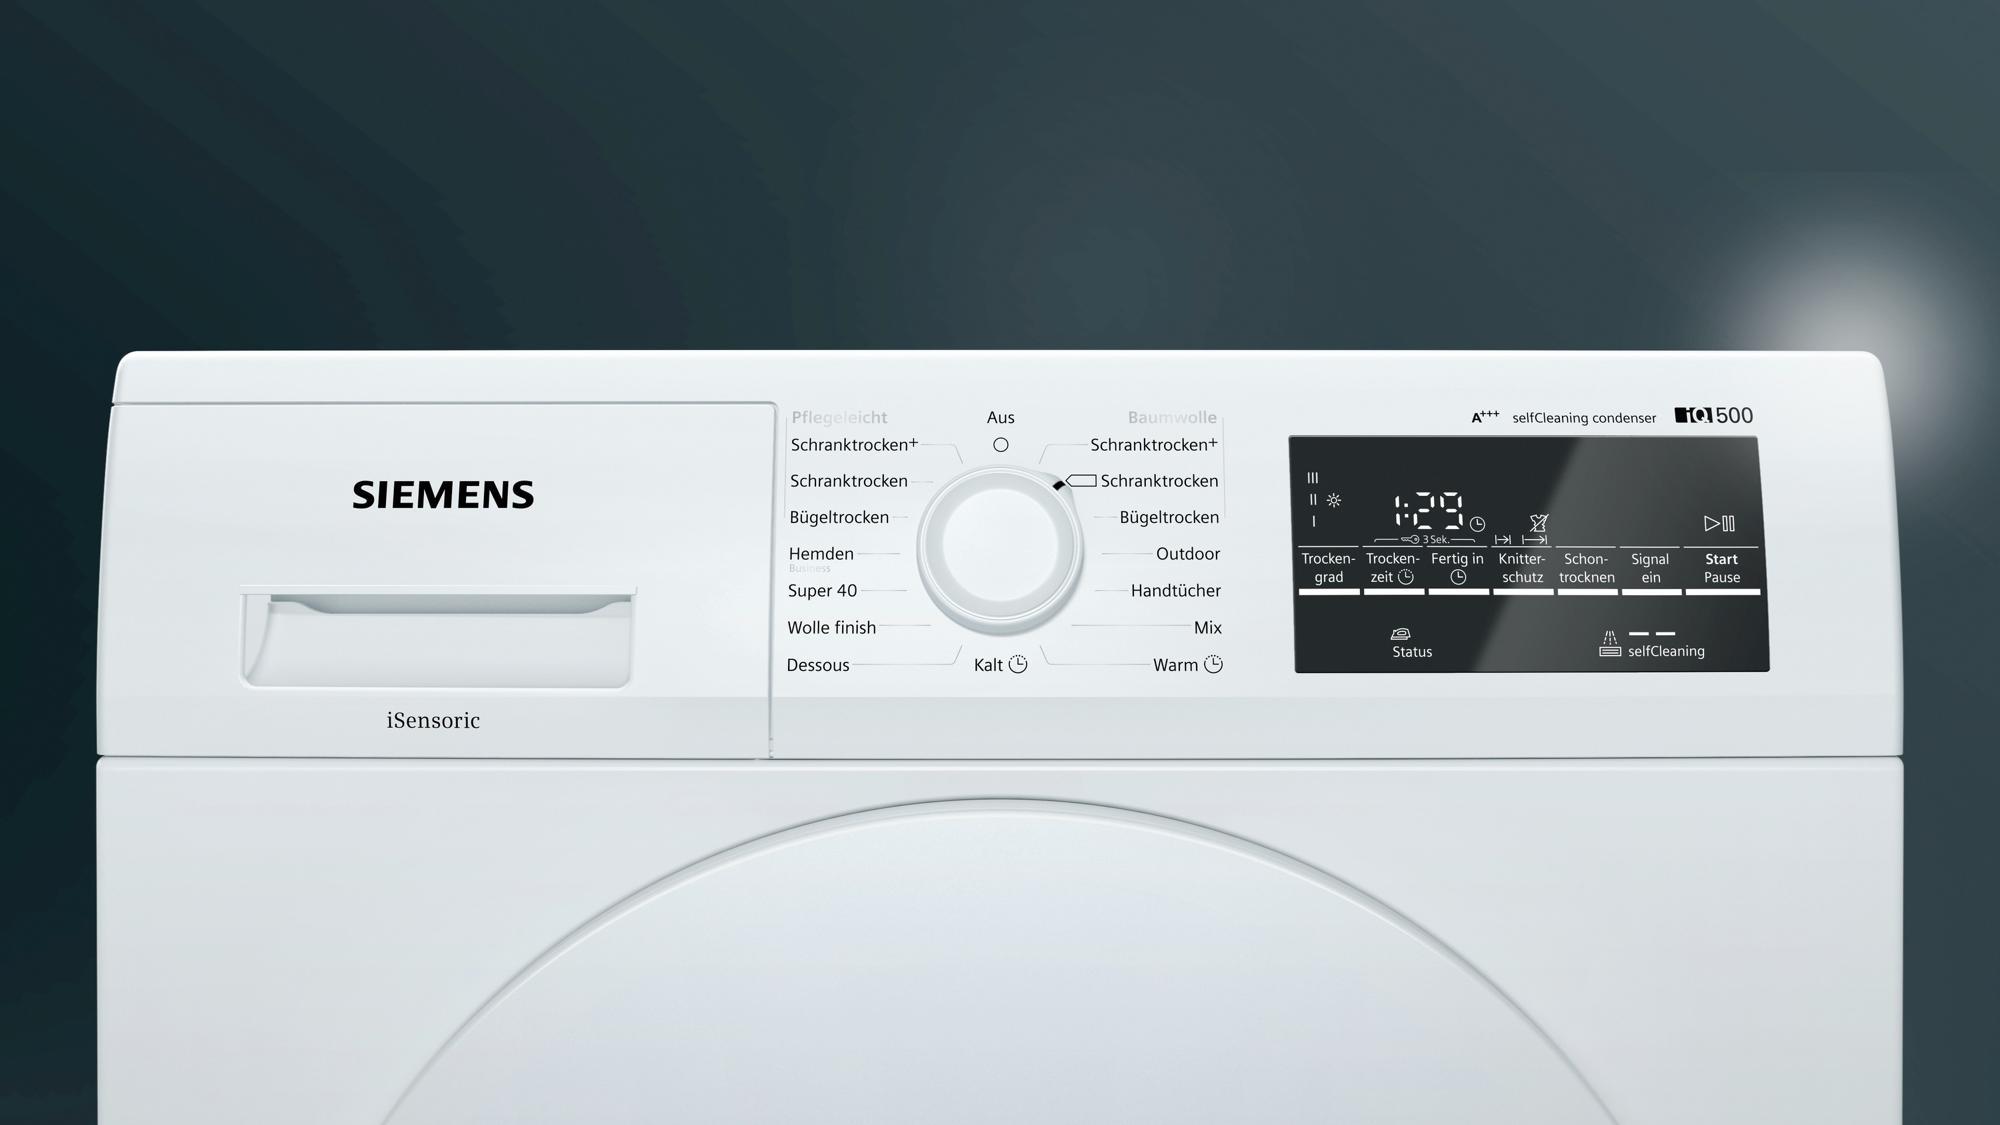 Wärmepumpentrockner Candy 7kg : Siemens wt w kg a wärmepumpentrockner led display von